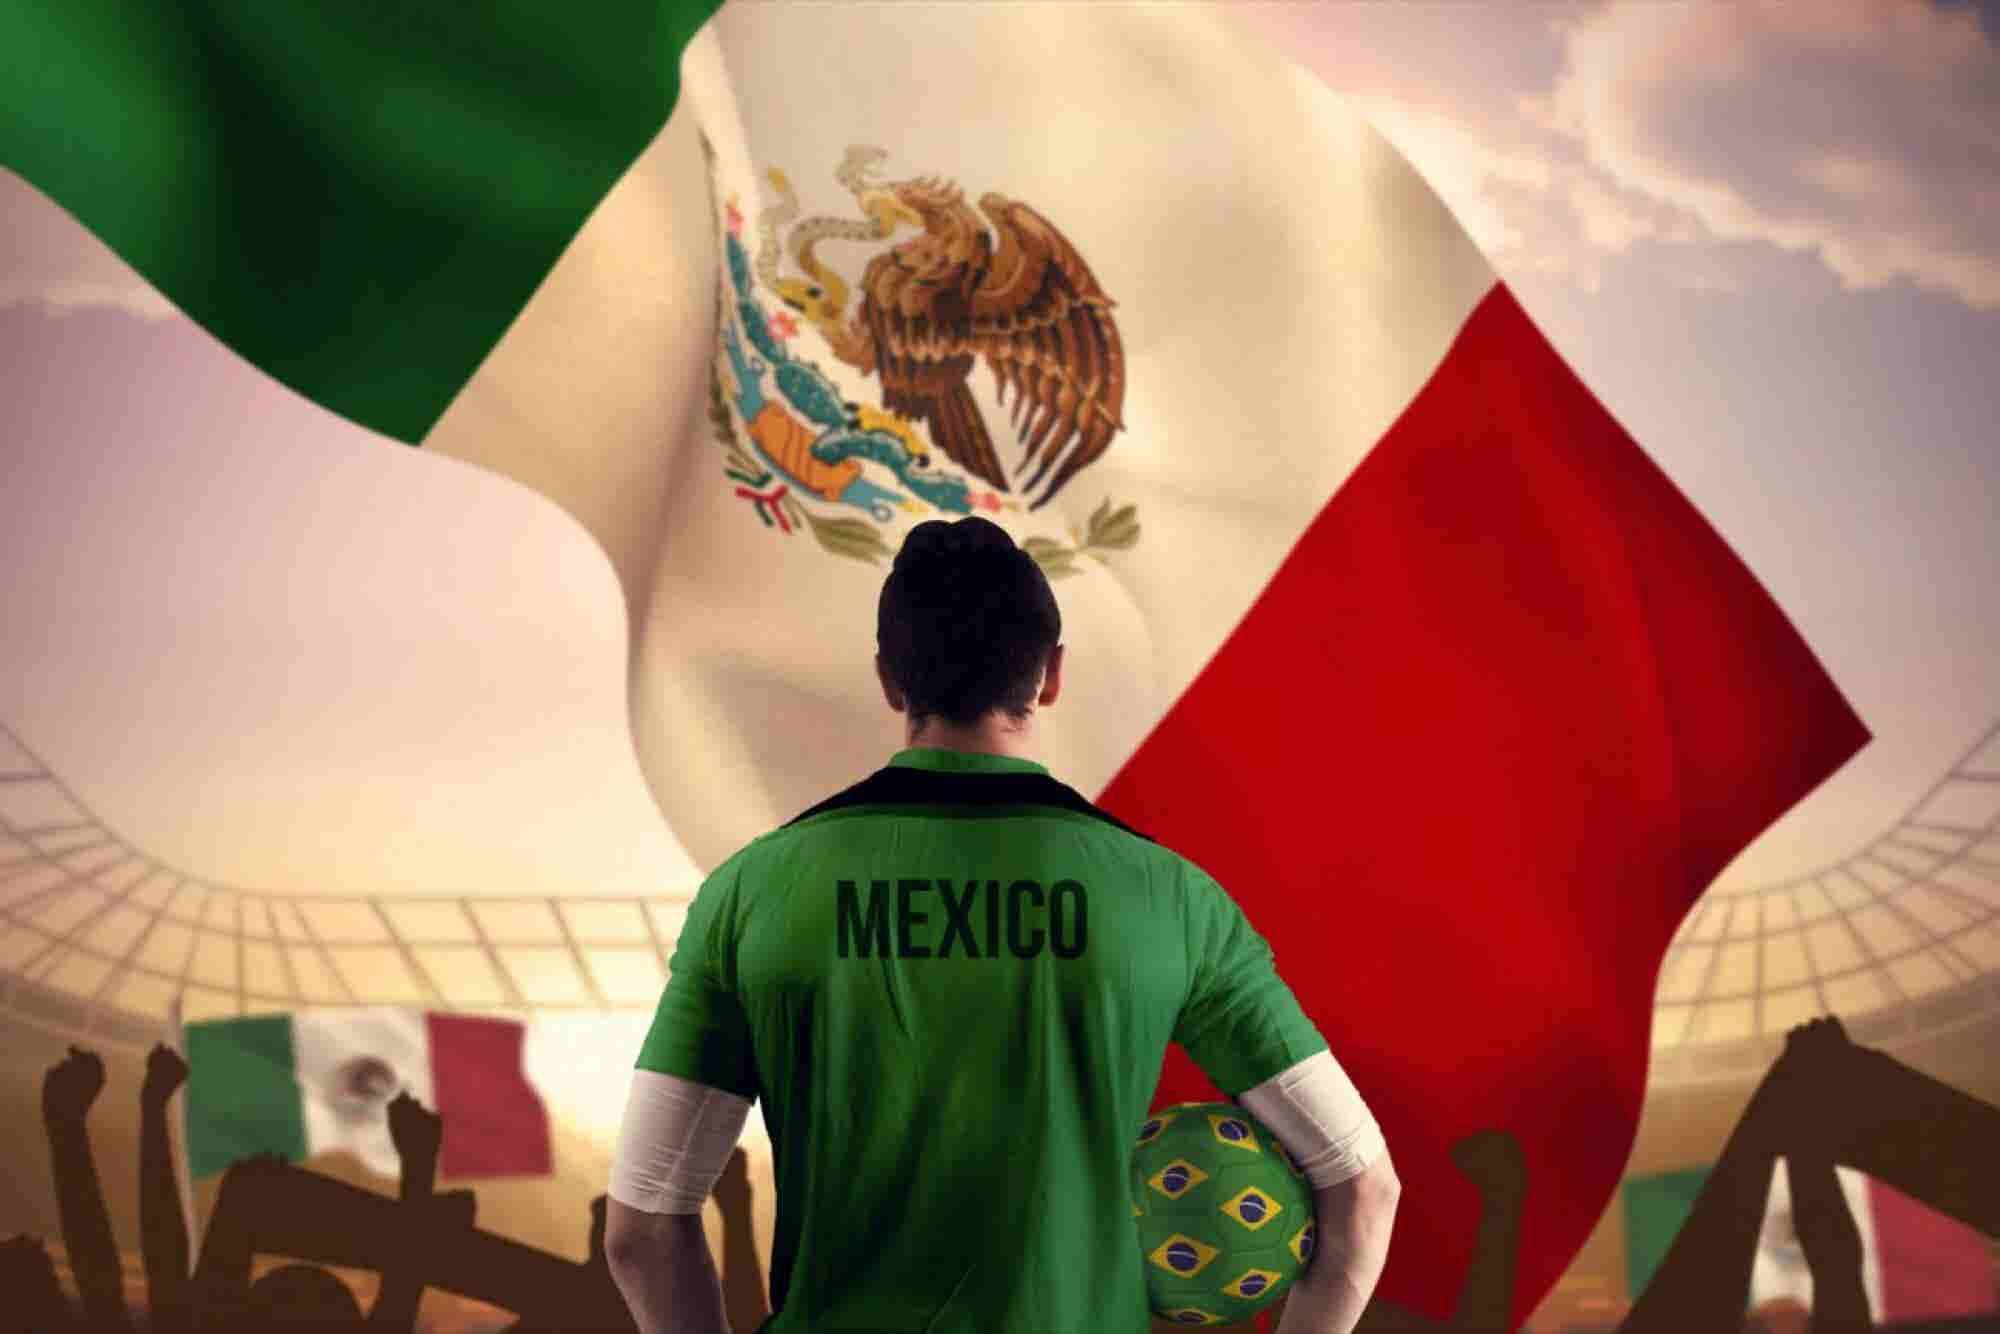 ¿Cómo afrontar el reto del juego México Vs. Brasil (y los que vengan) en las oficinas?